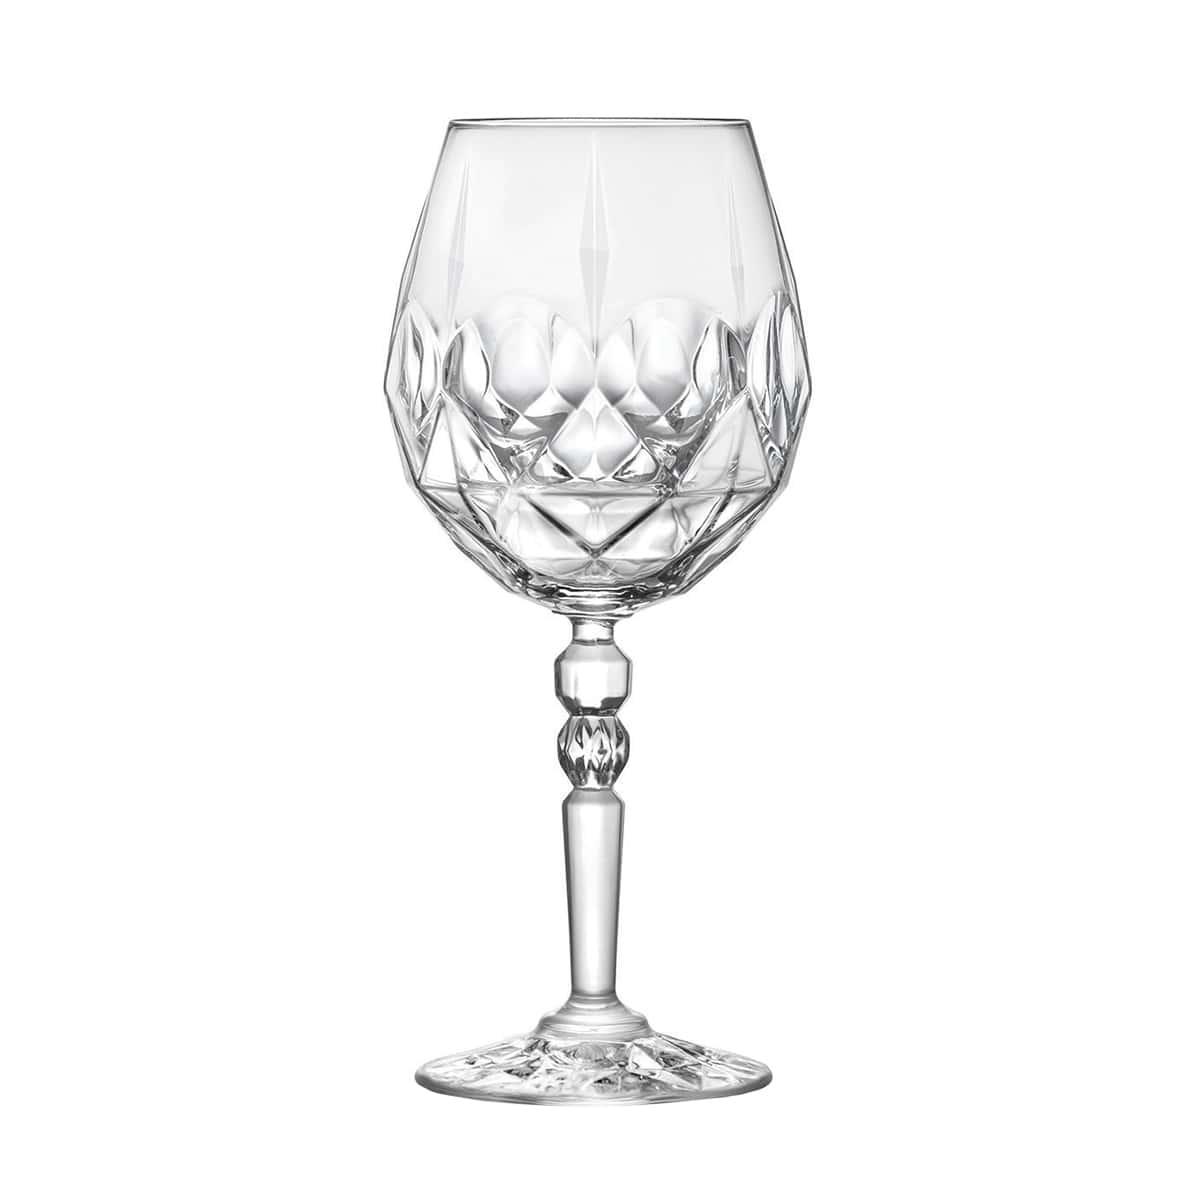 Набор бокалов для вина 530 мл Alkemist RCR (6 шт)